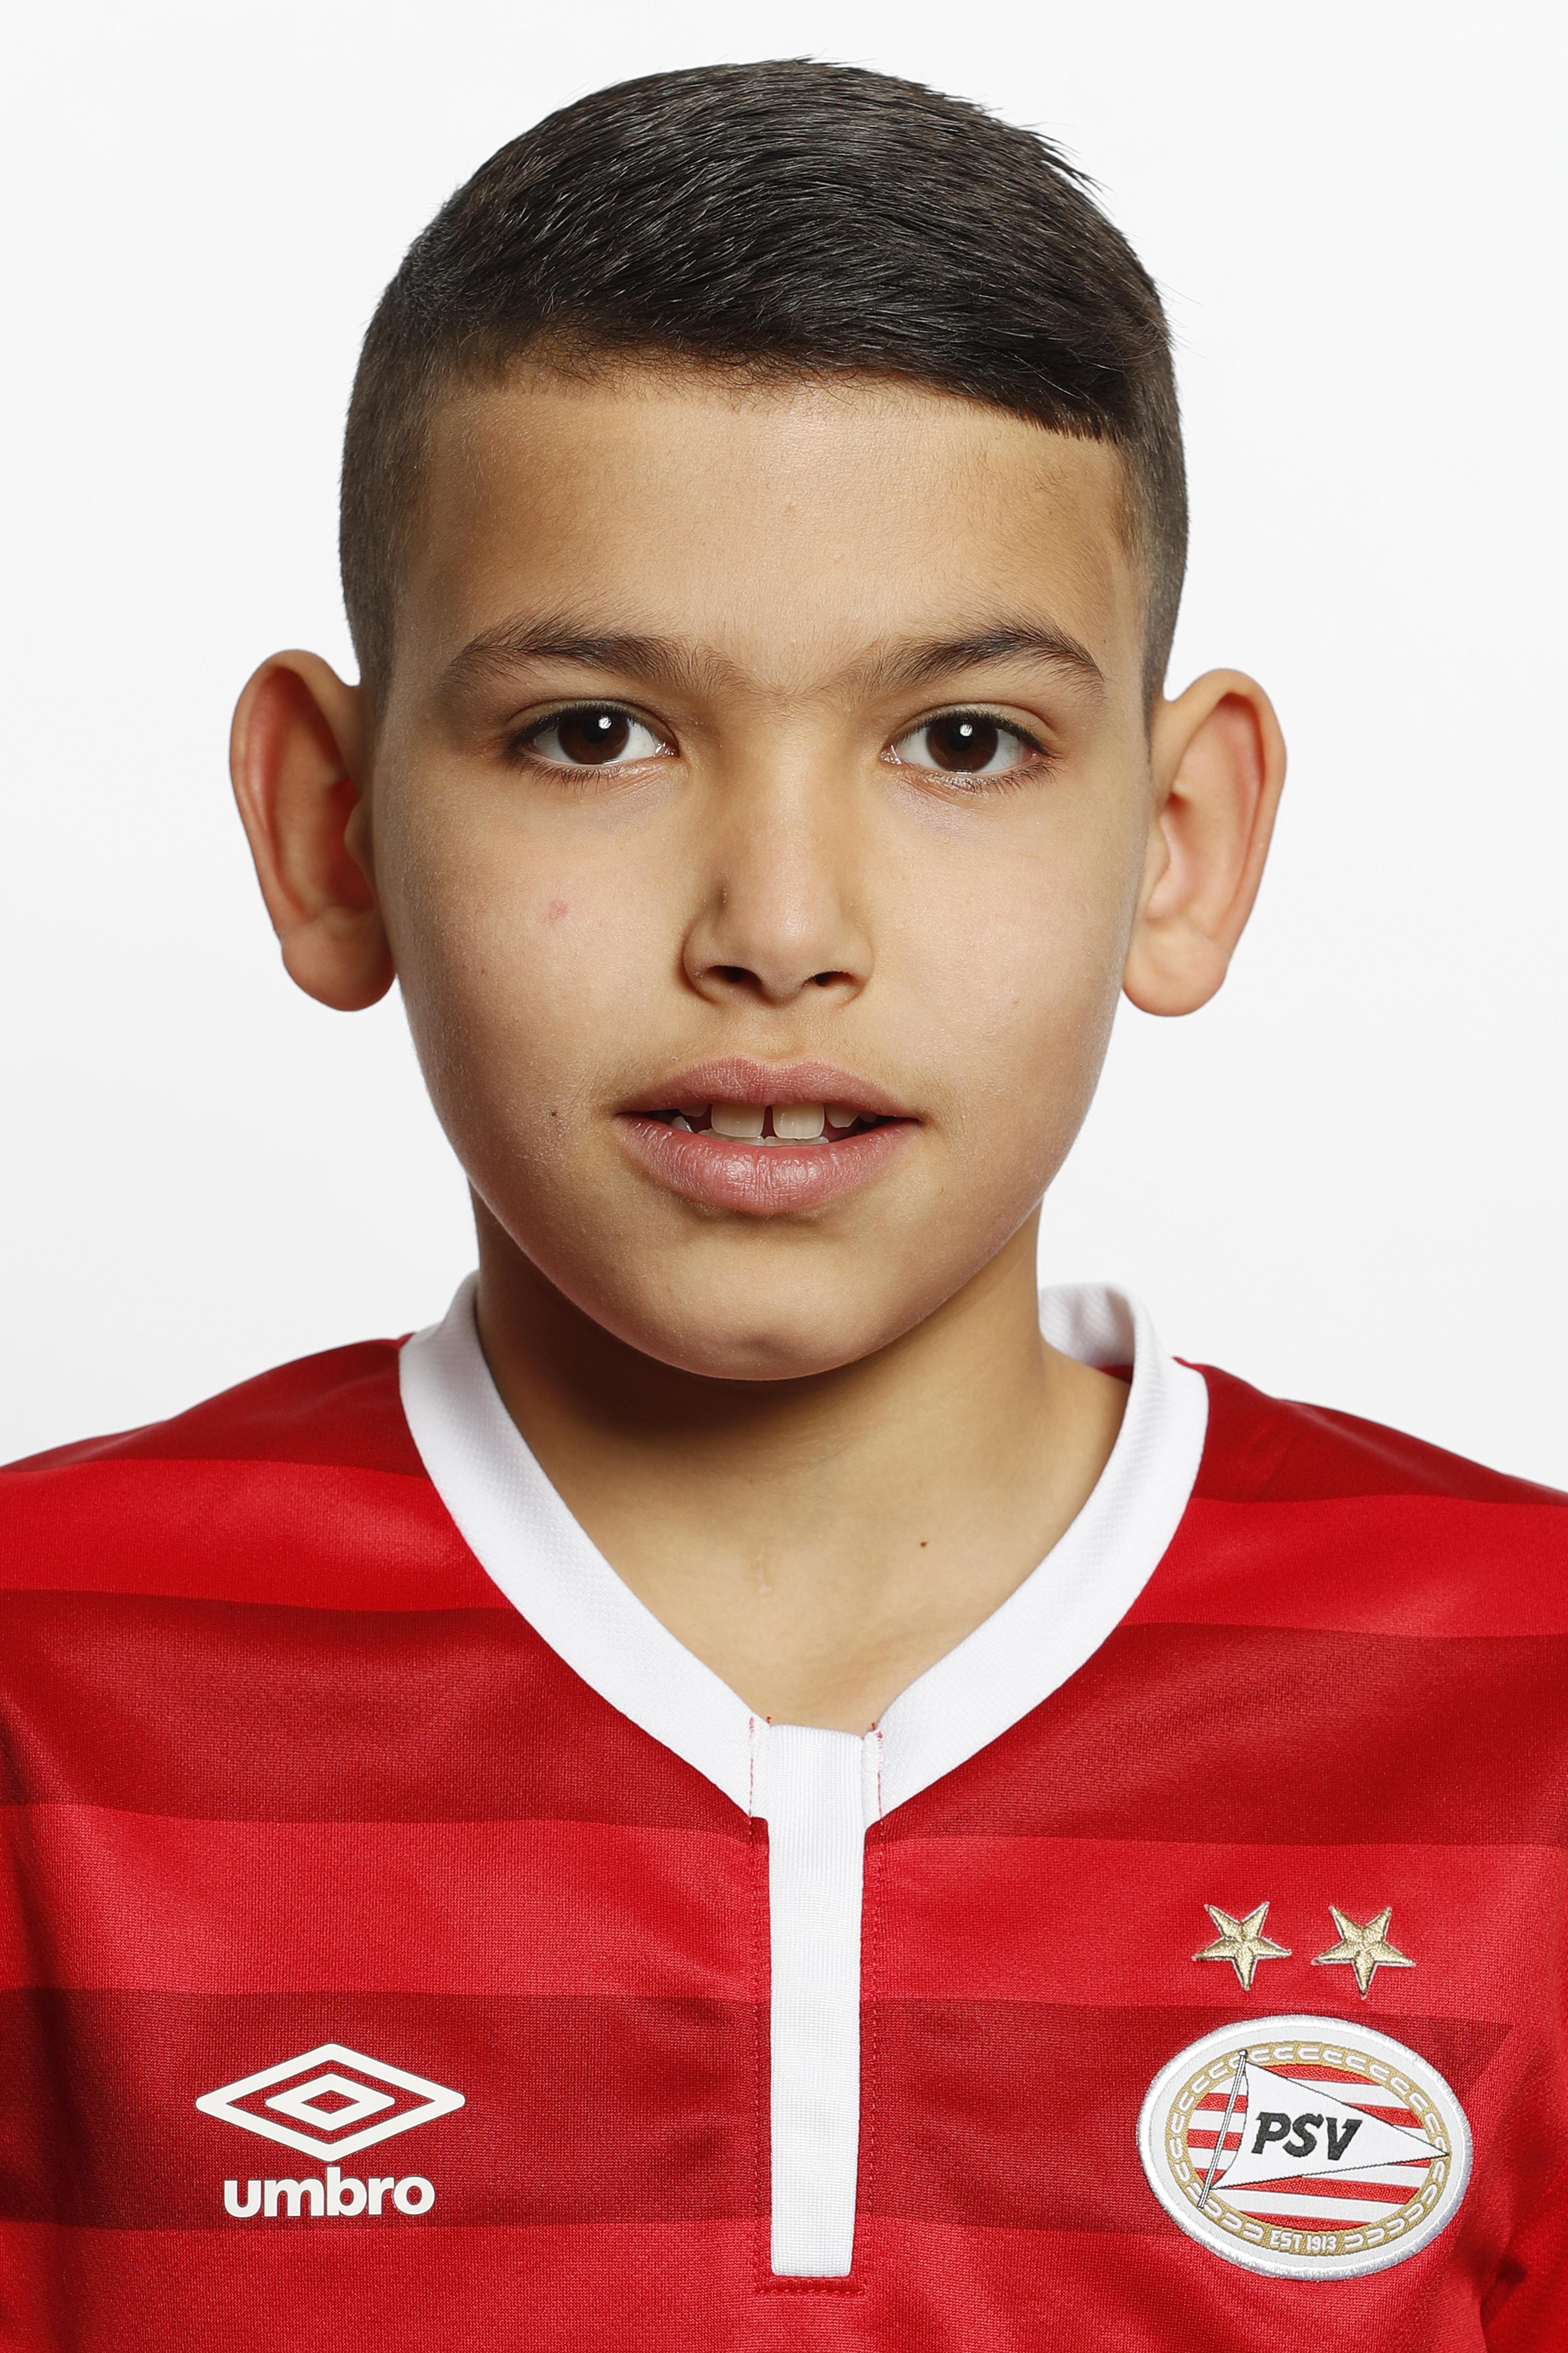 PSV JO11-1 - 2016-2017